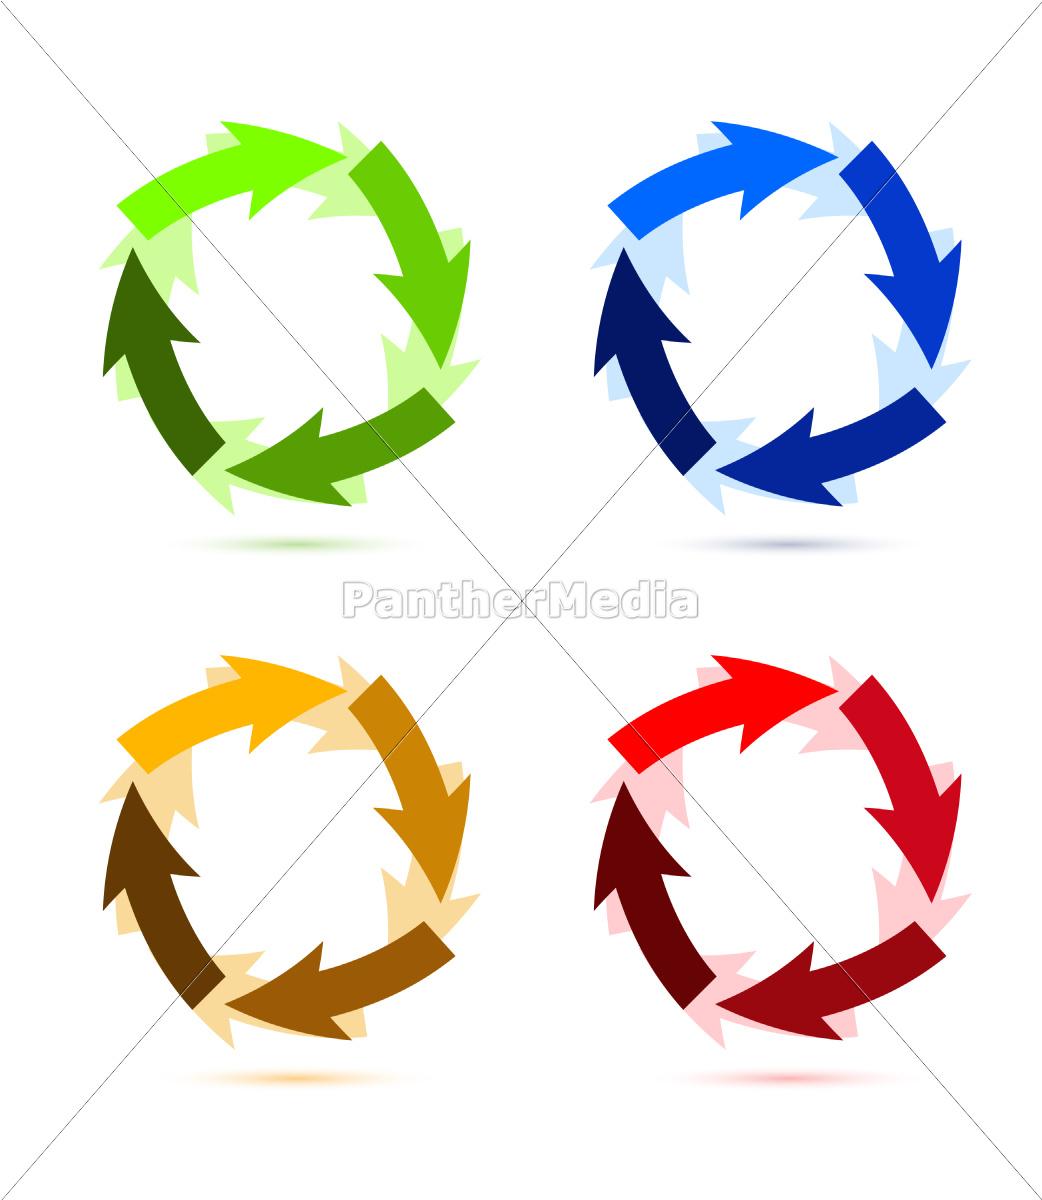 uma, ilustração, de, seta, circular, colorida - 10165753